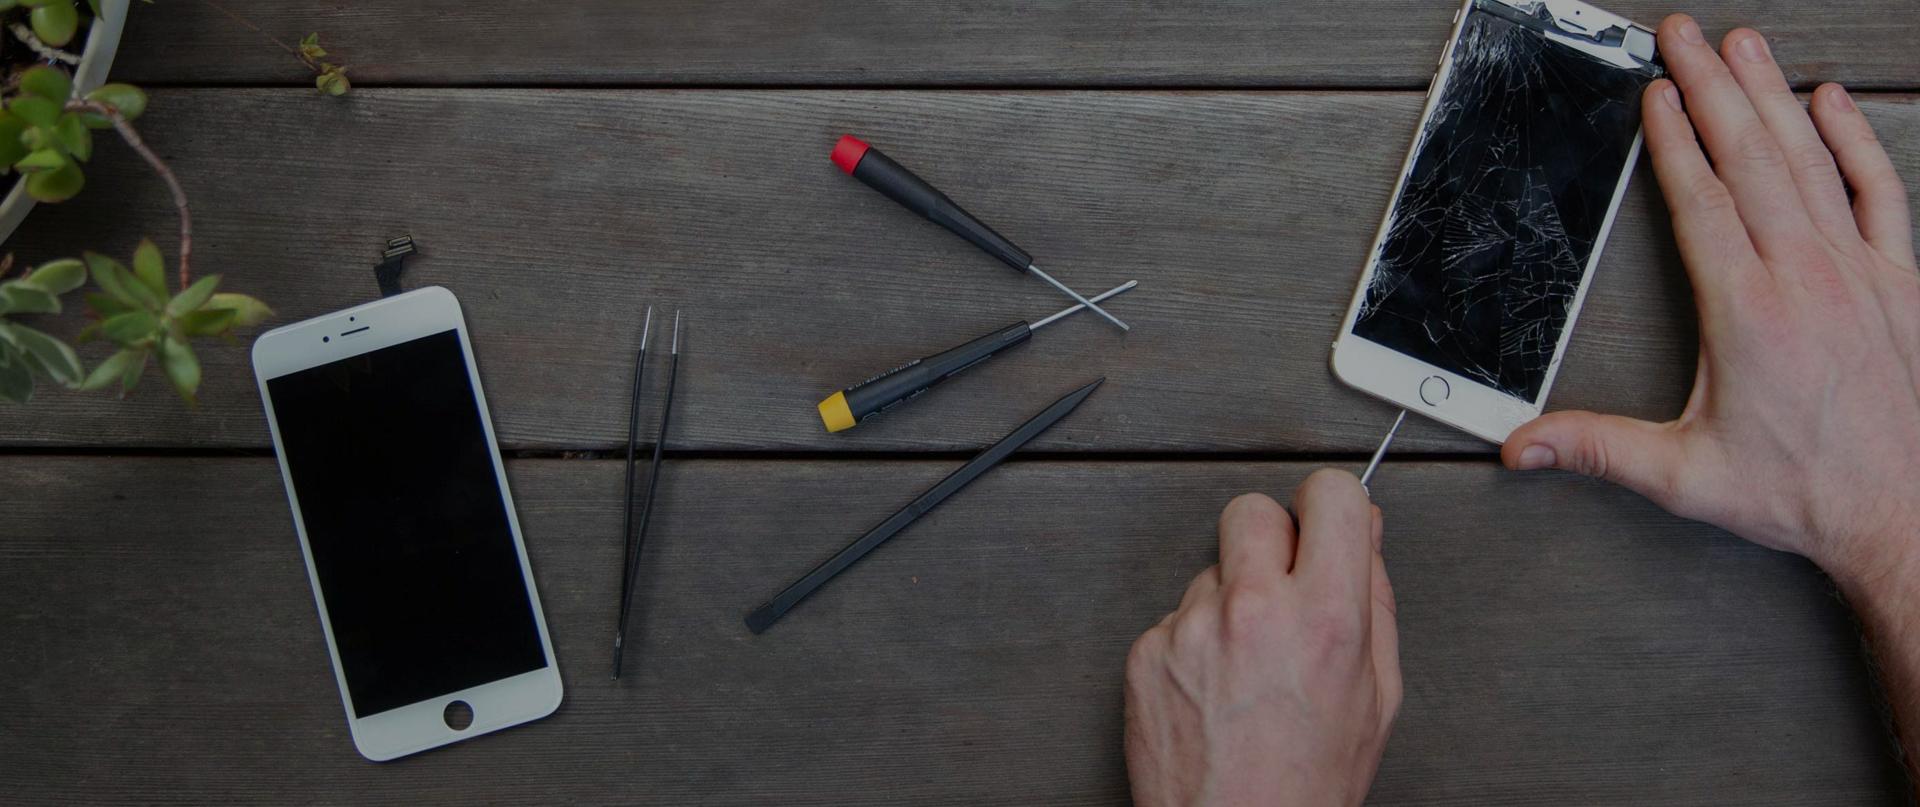 Wir reparieren dein Smartphone!